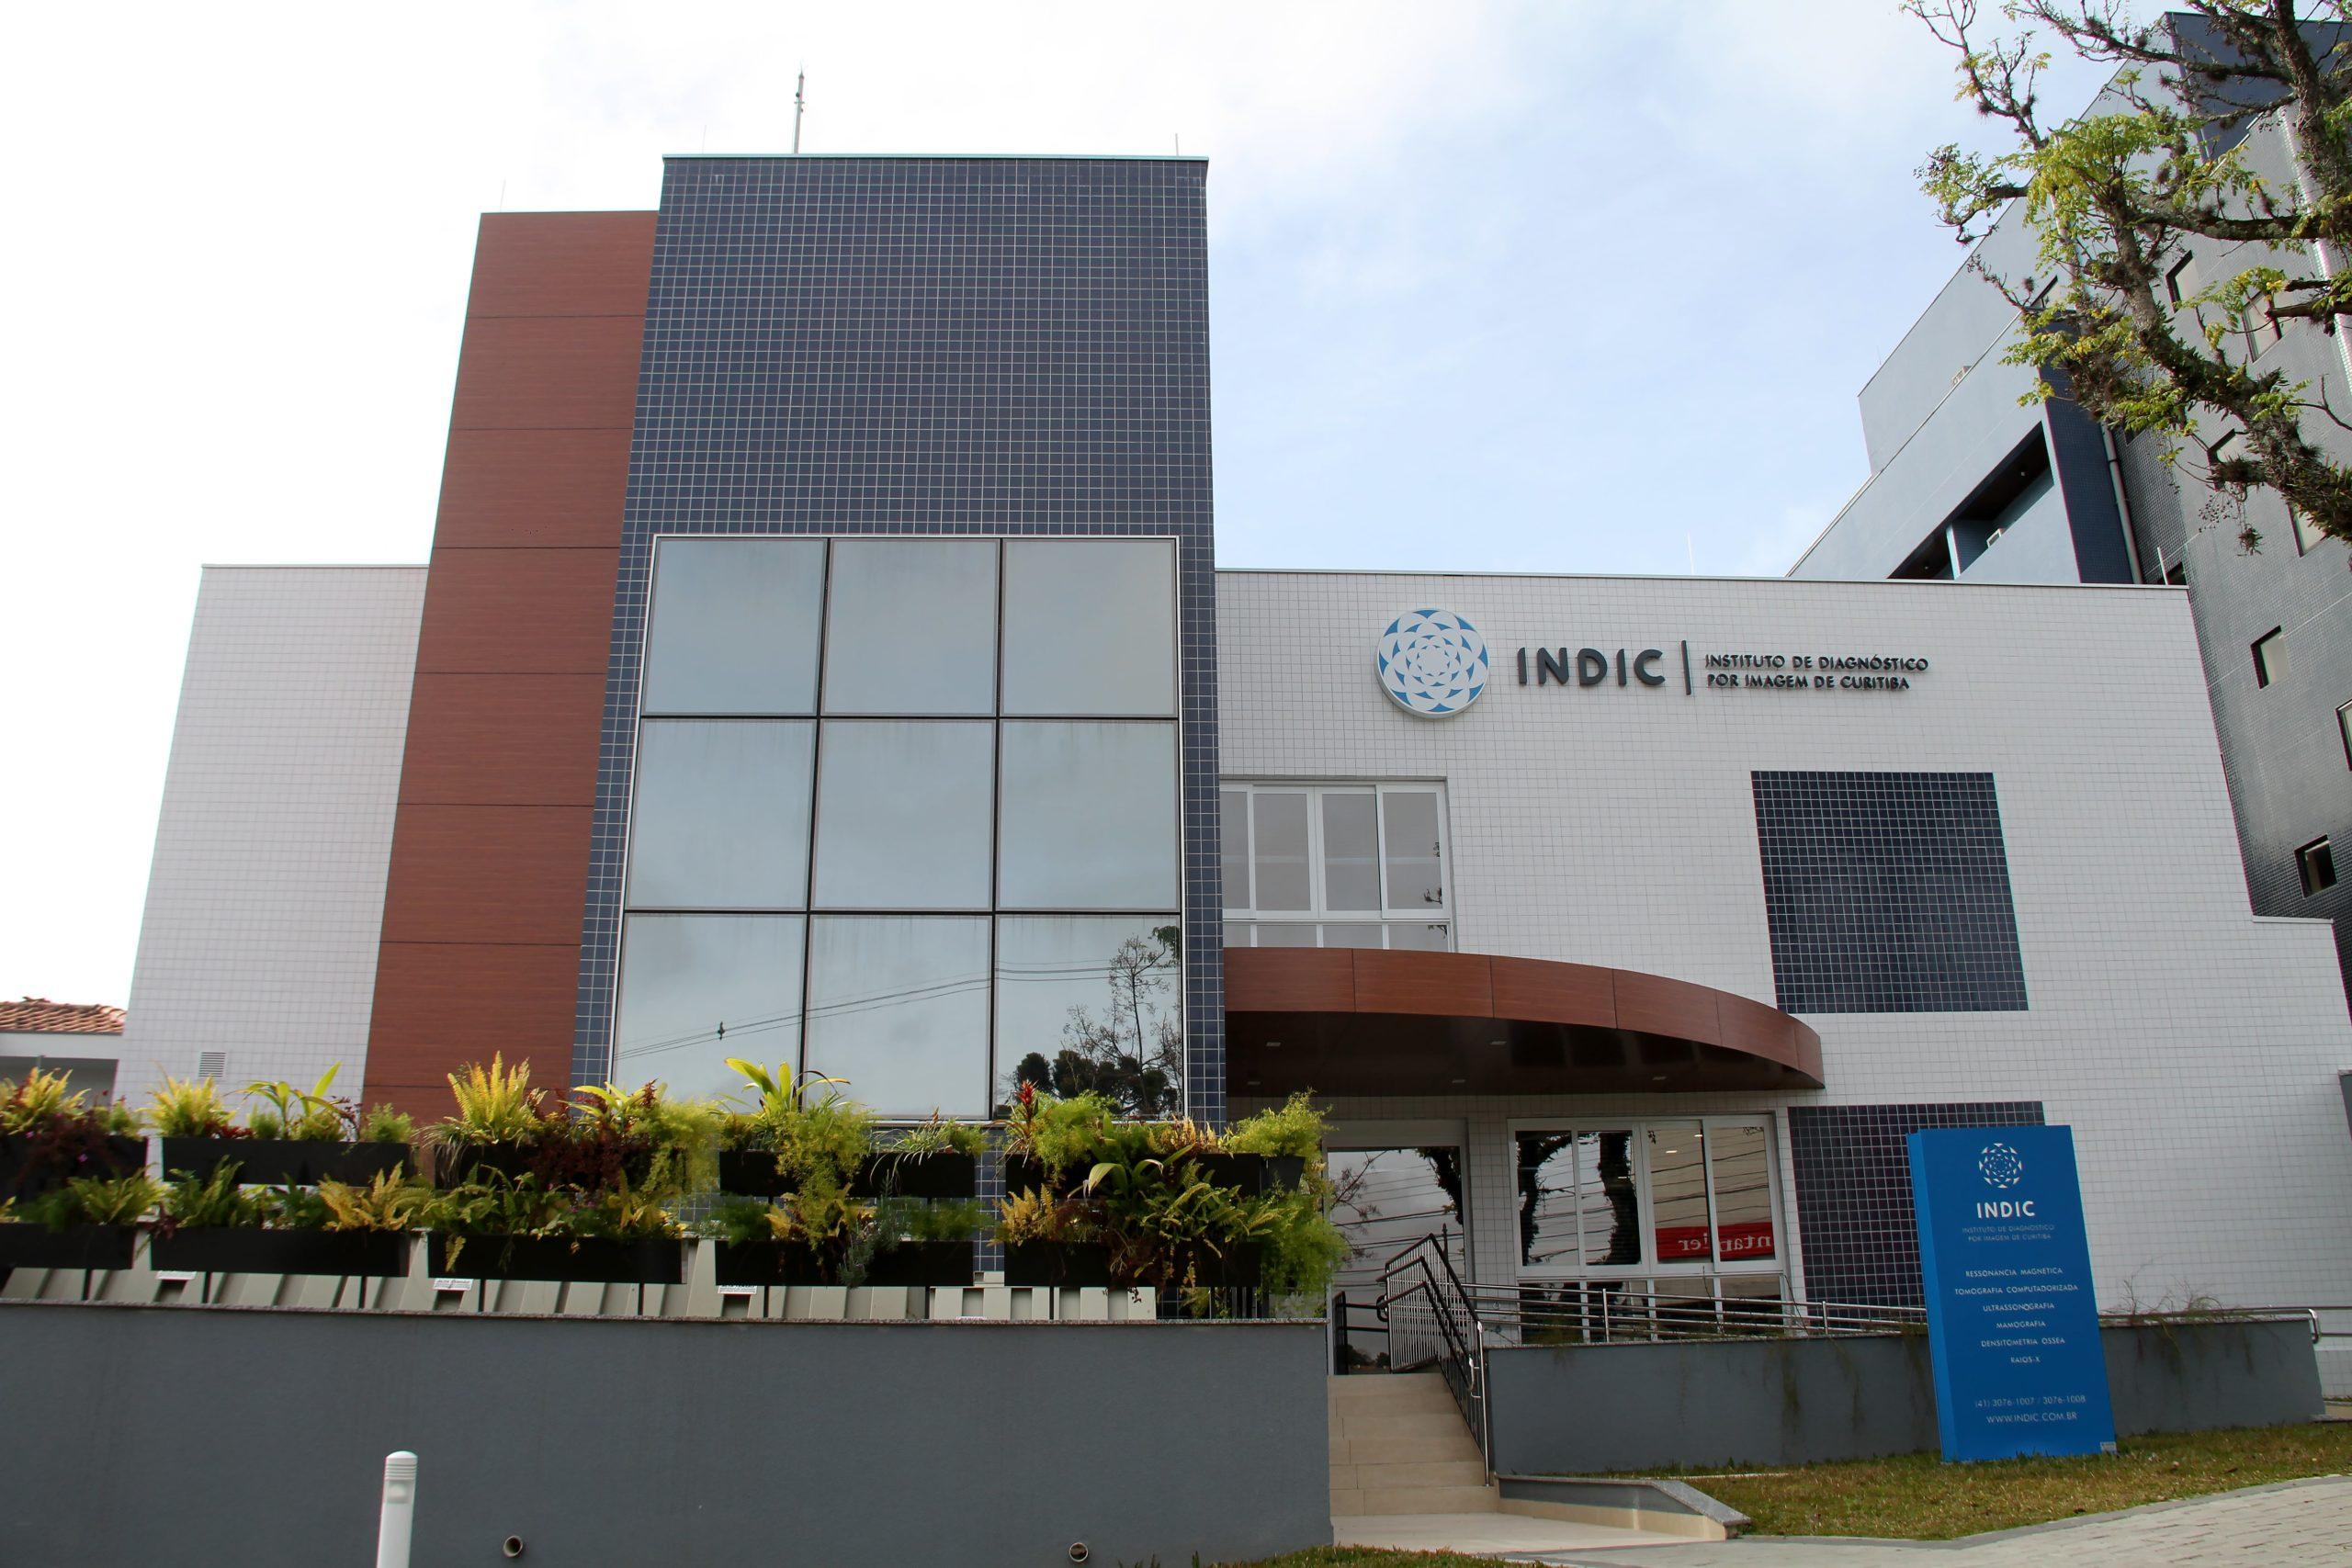 Indic - Instituto de Diagnóstico por Imagem